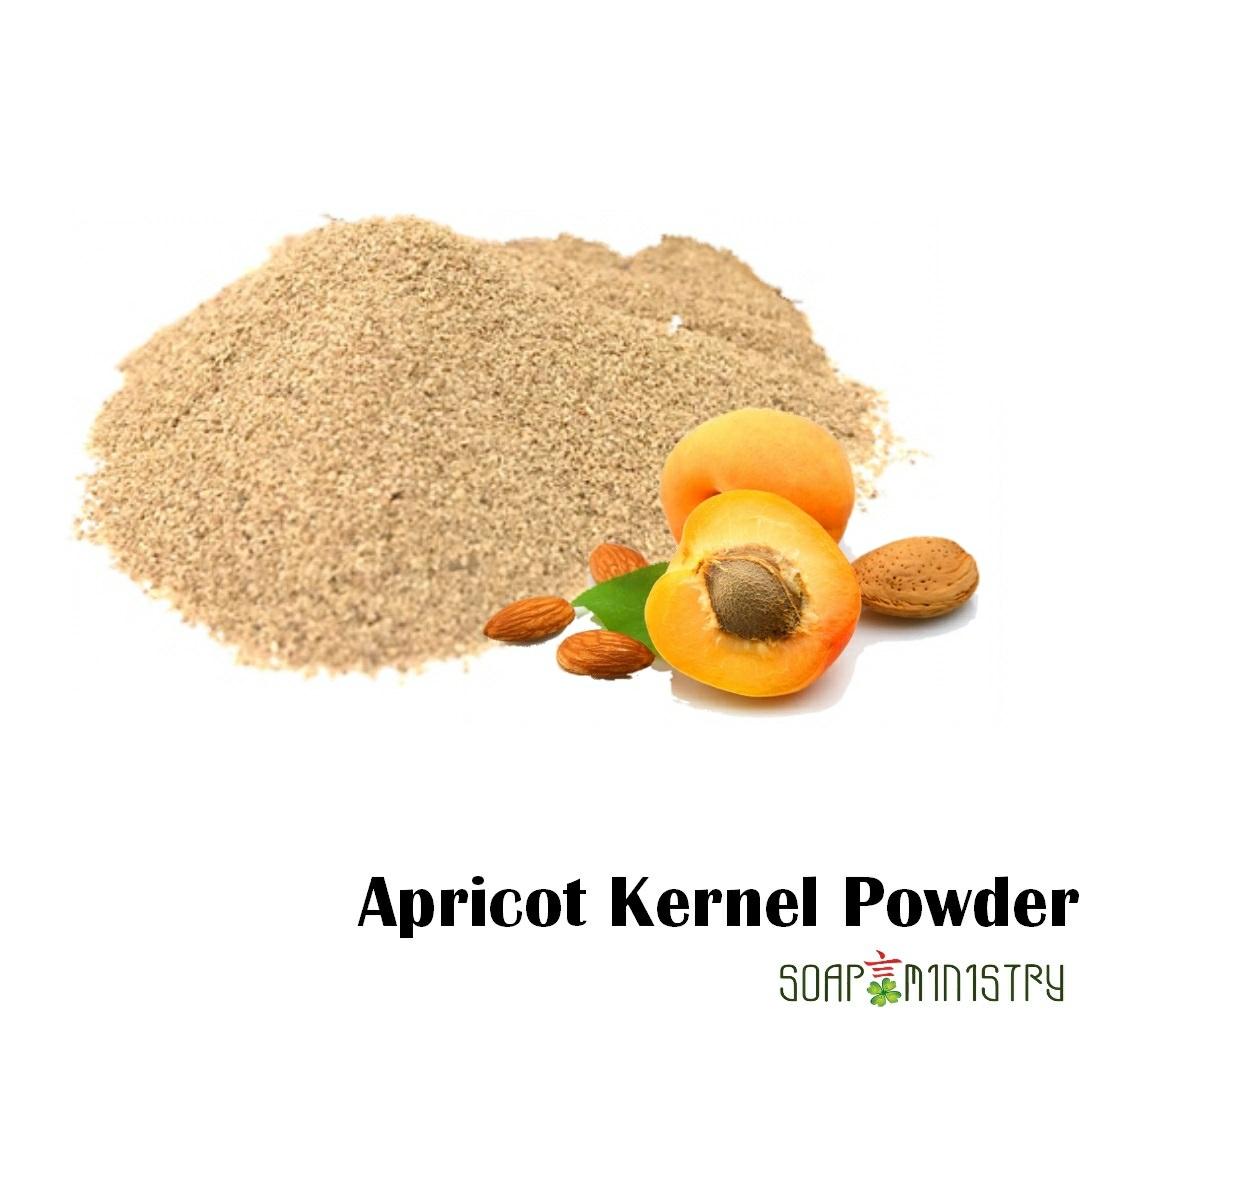 Apricot Kernel Powder 500g